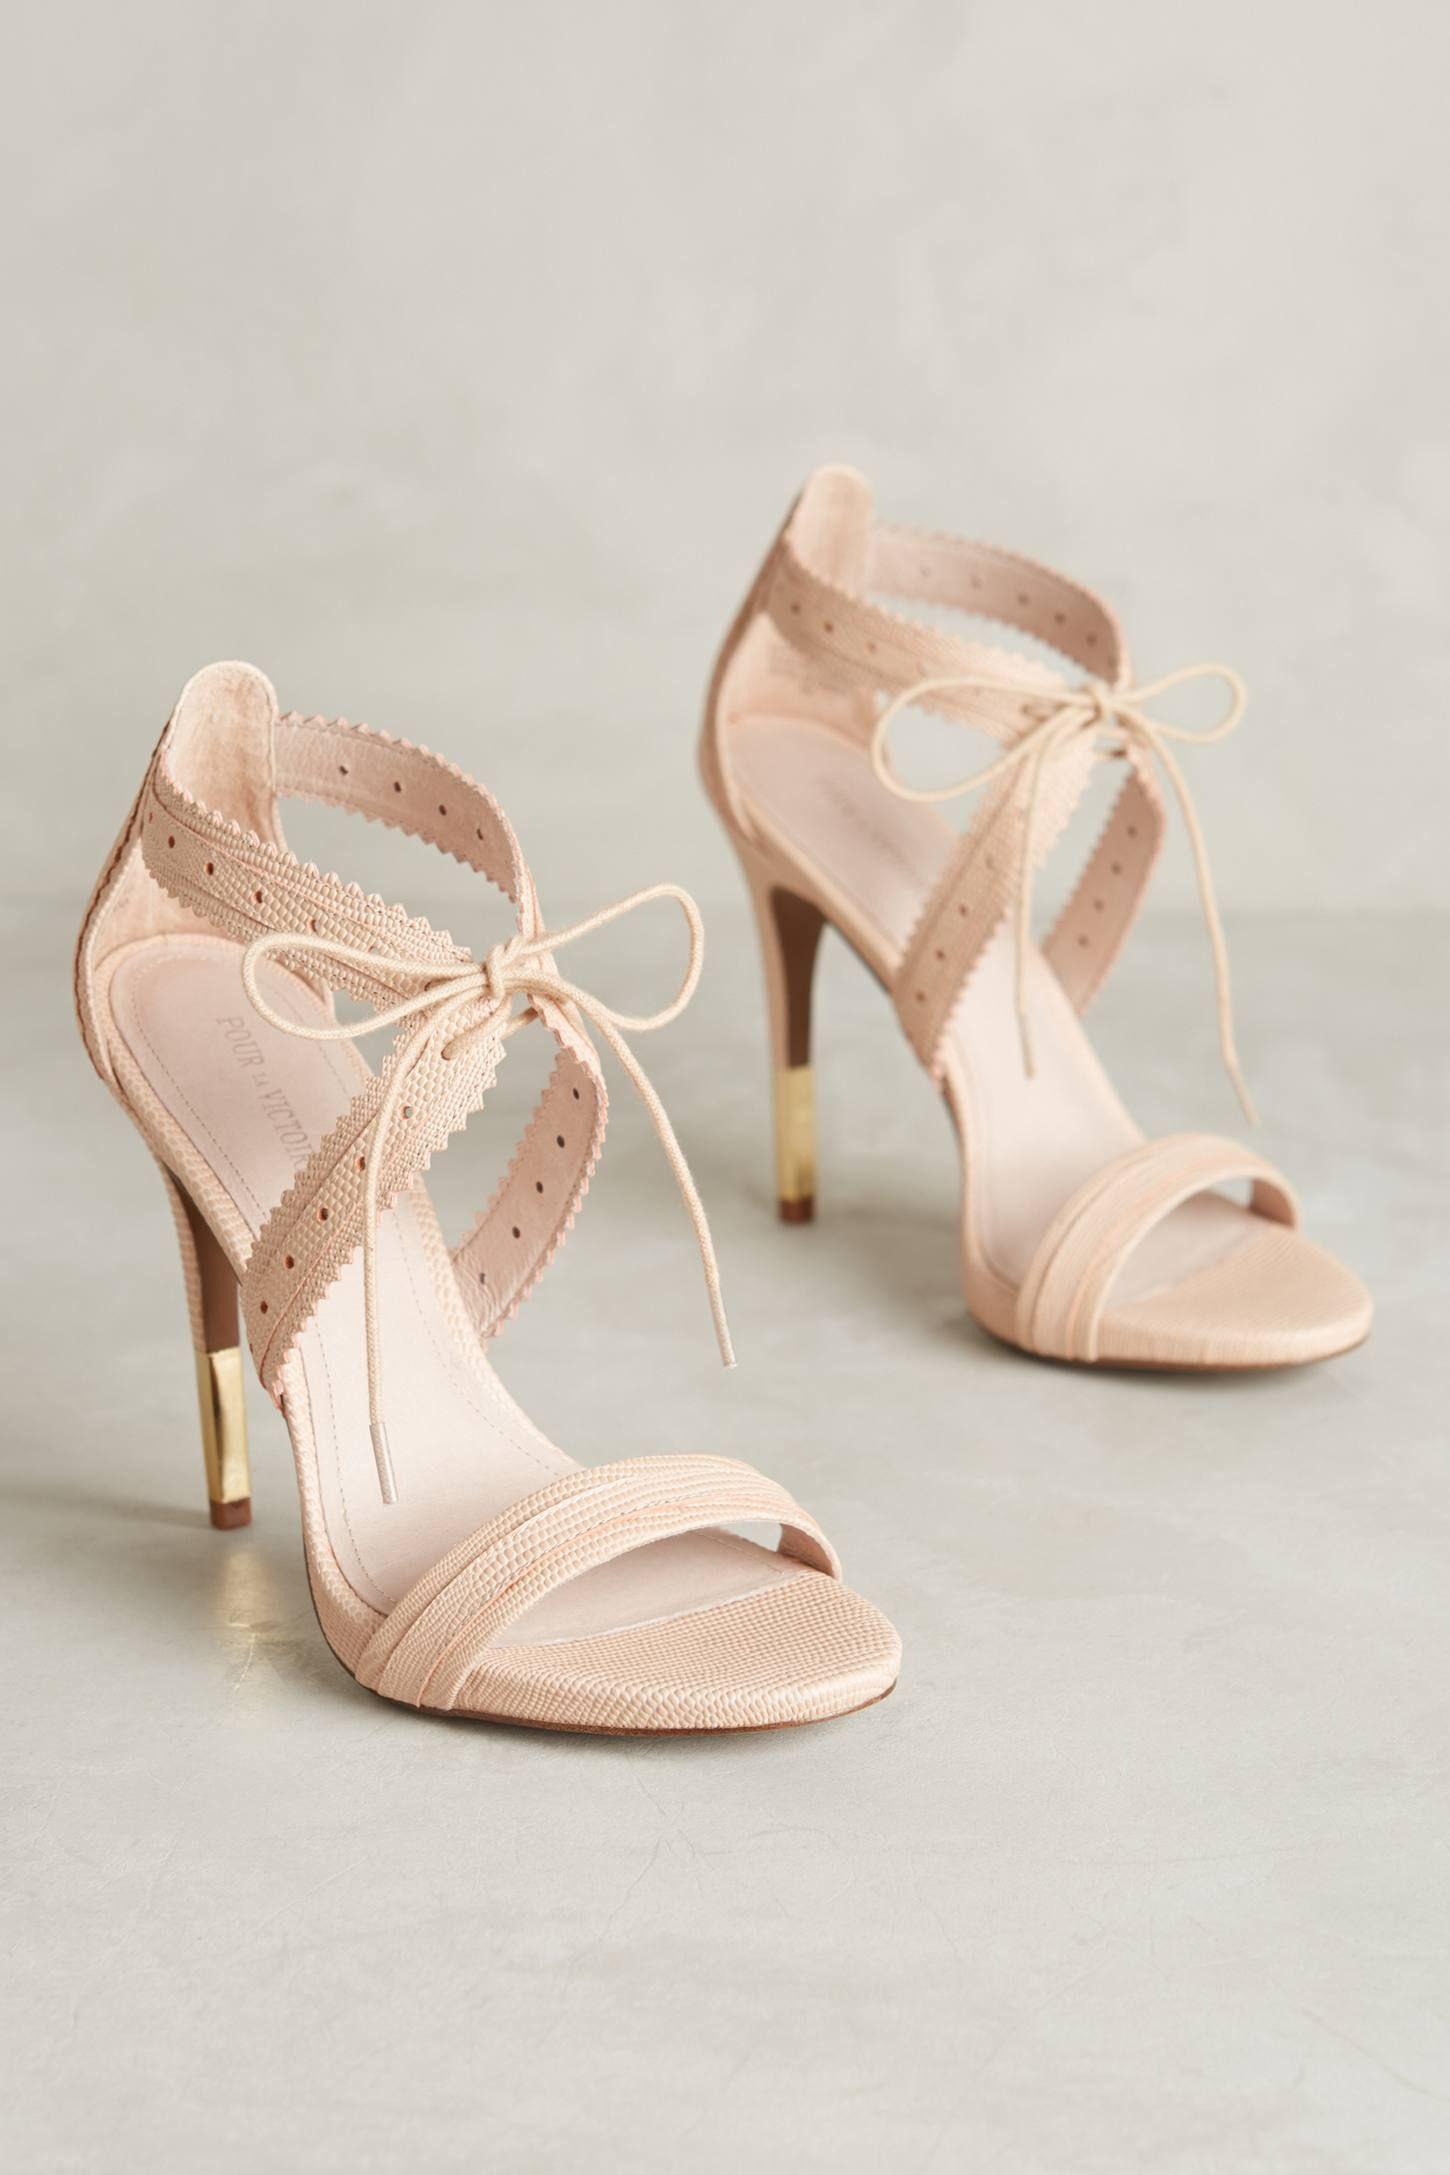 feafaa0060a99b Pour La Victoire Shanna Heels | W E D D I N G S | Pinterest ...